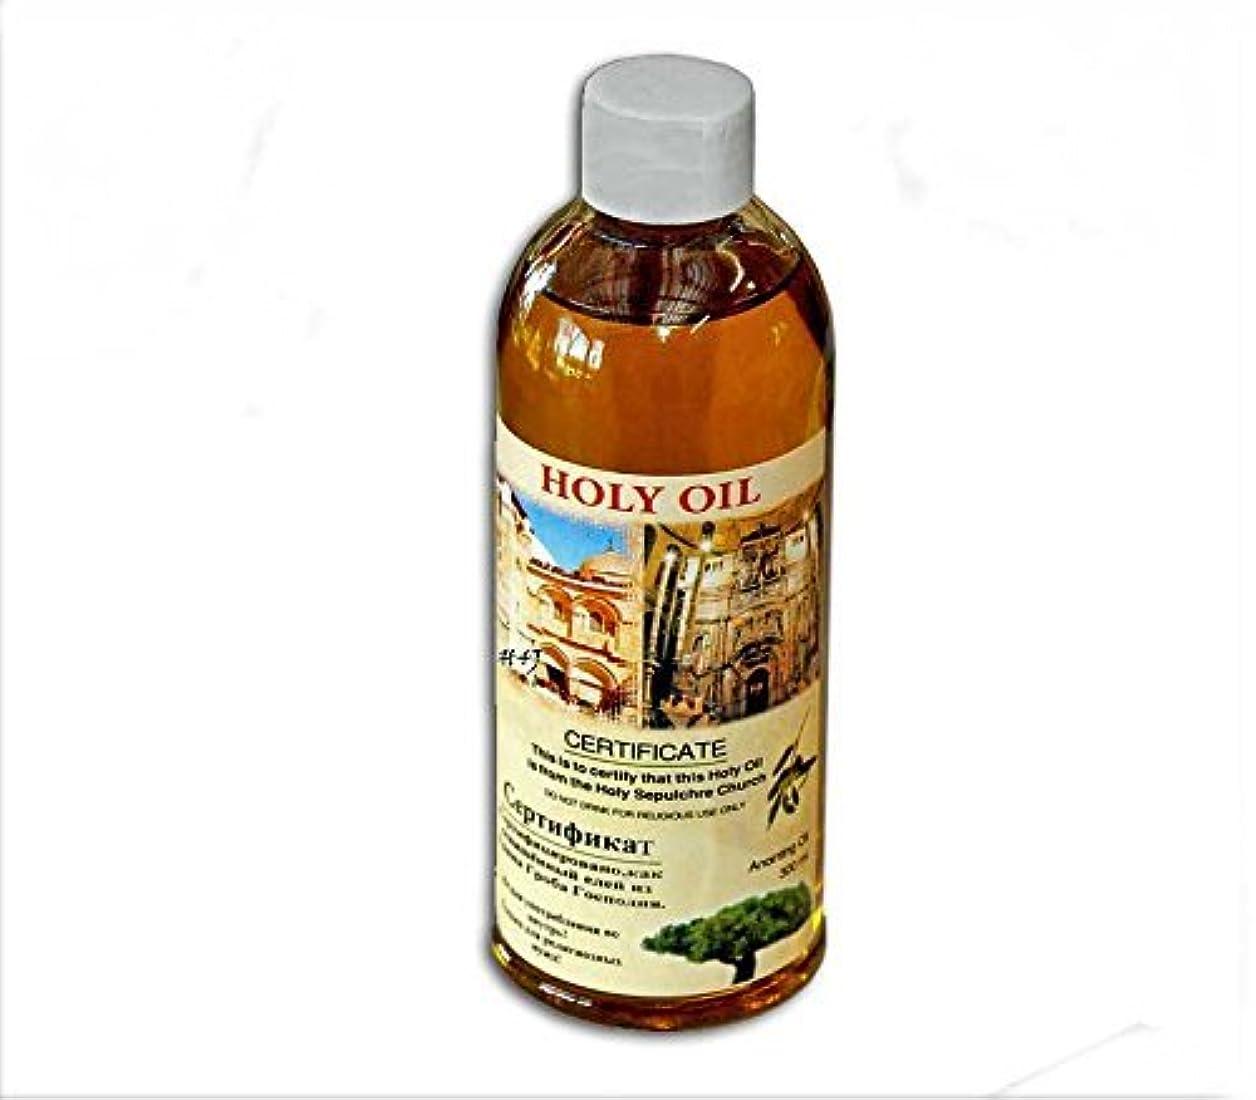 スカープラメ絶縁する60 ml Holy Land AnointingオイルCertificated Blessed小さなボトルからエルサレムbyベツレヘムギフトTM